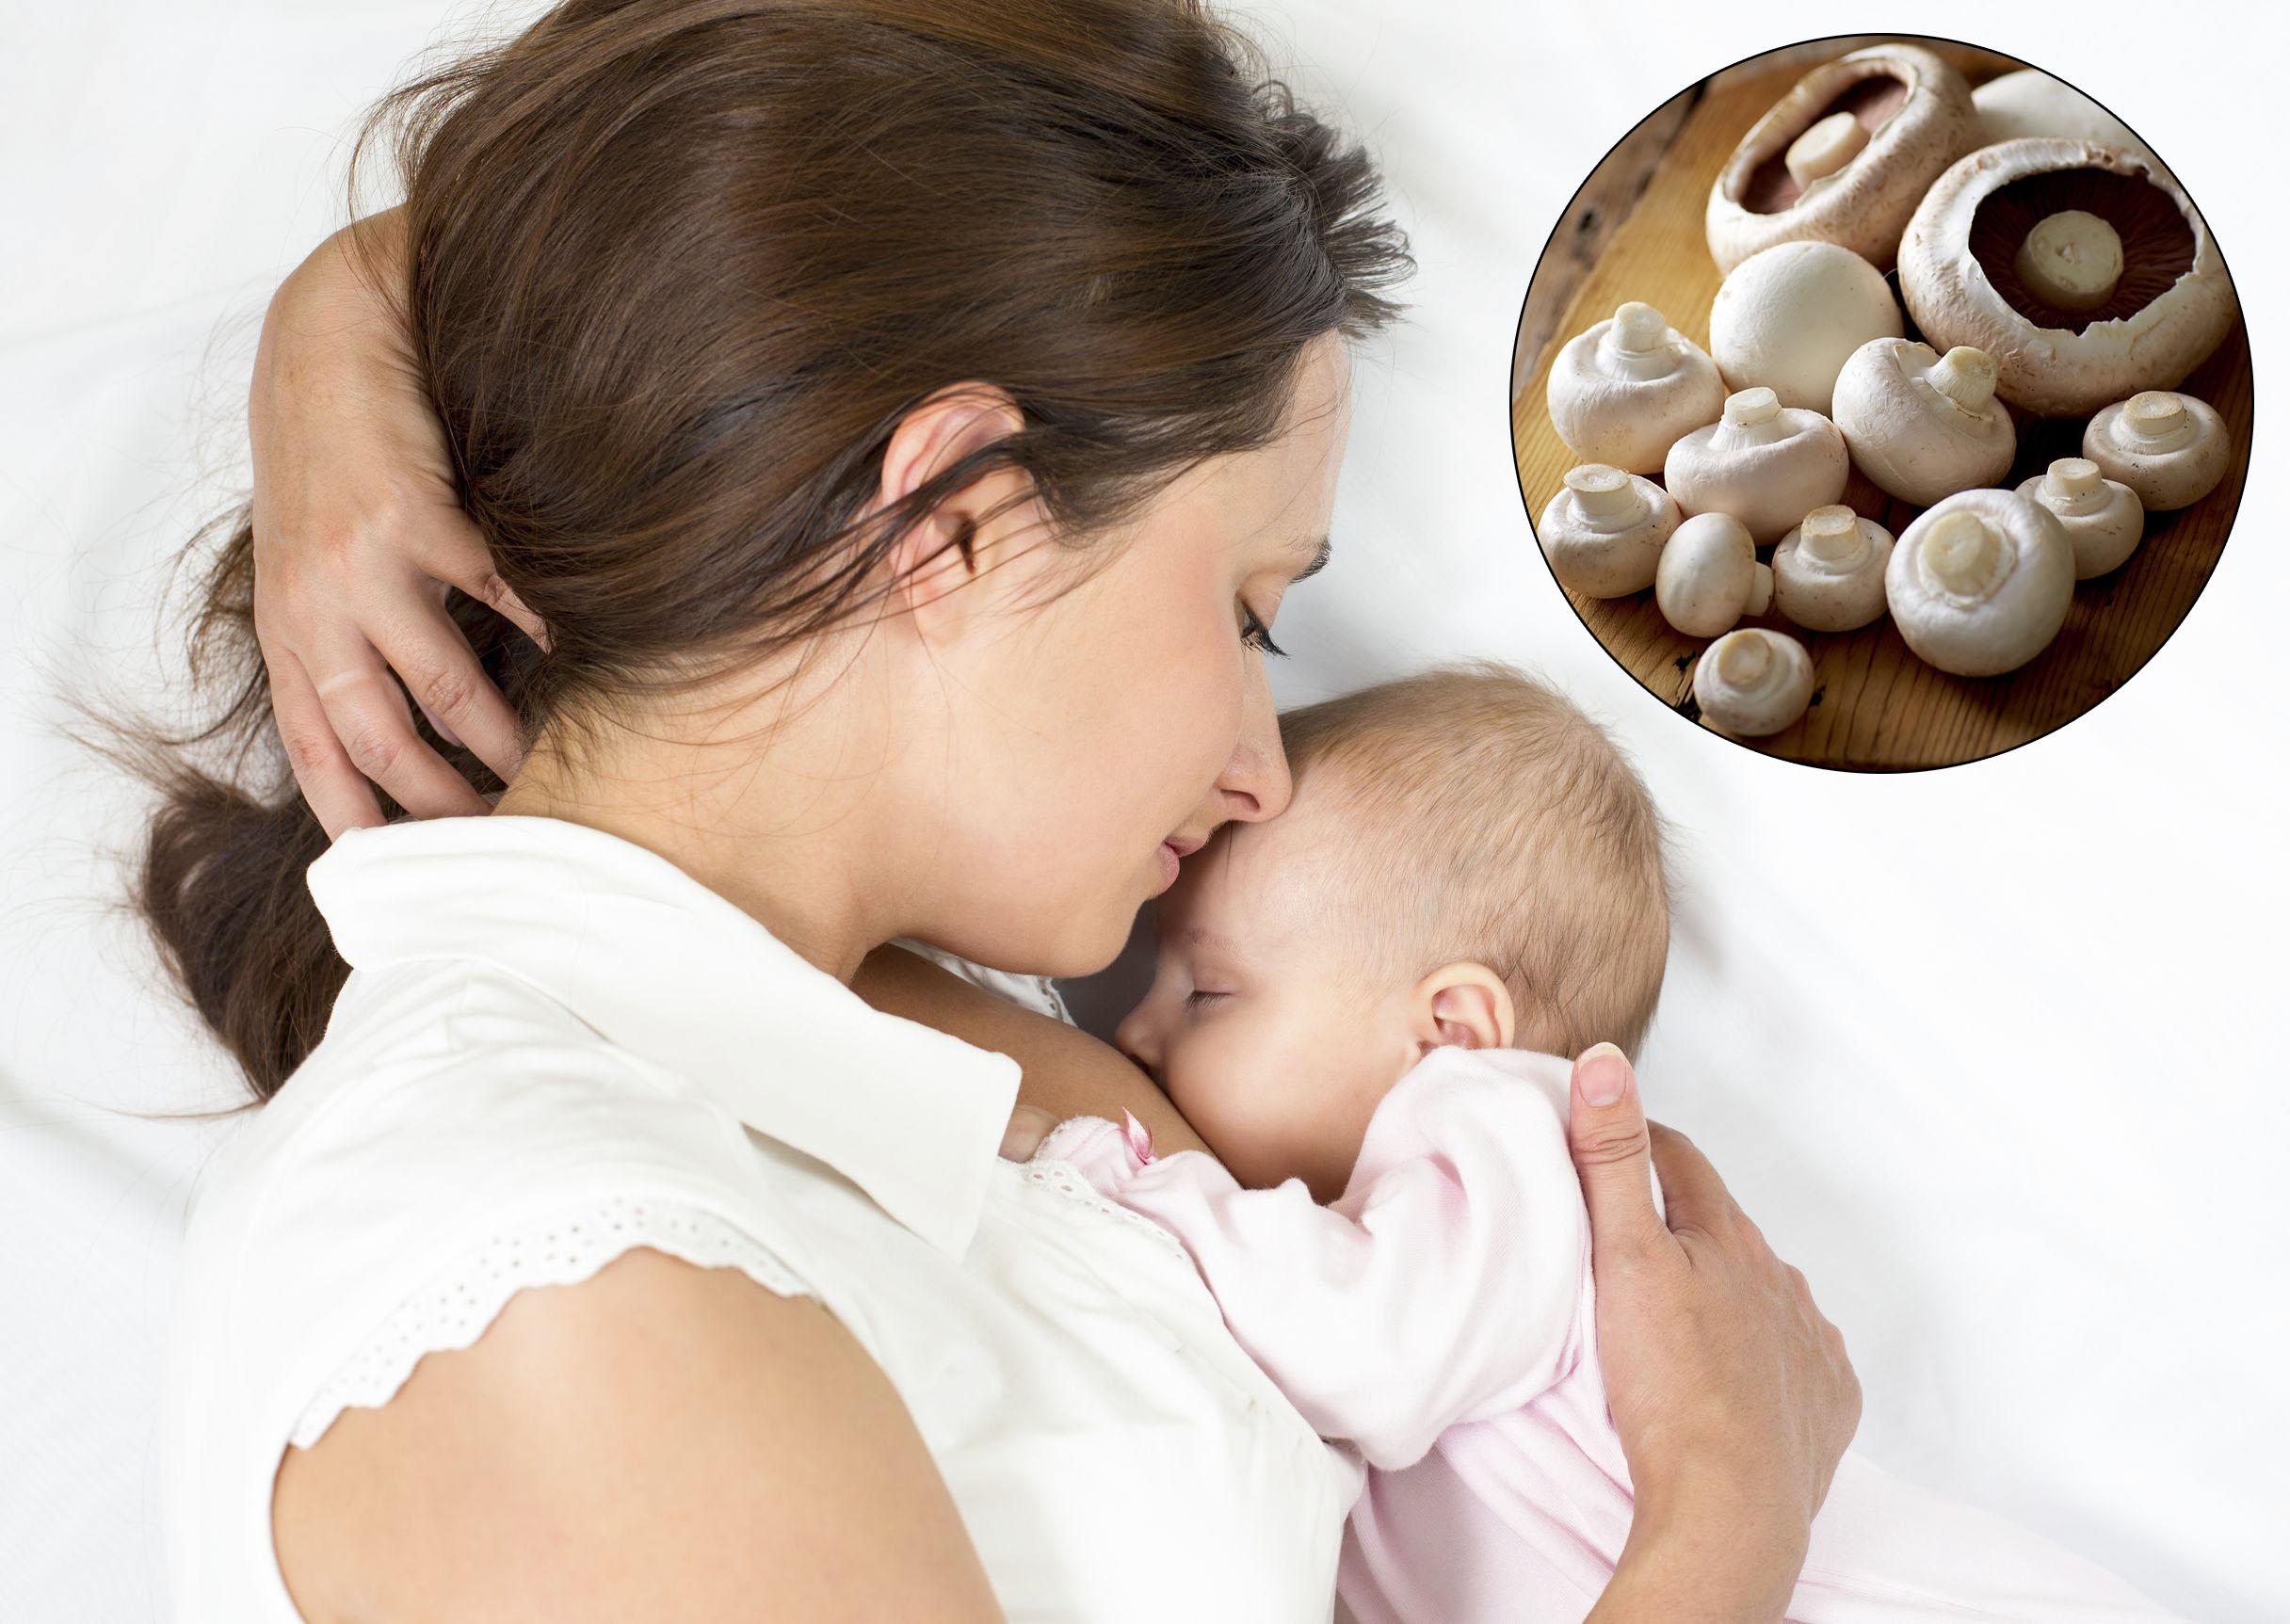 Nấm mỡ có công dụng lợi sữa đối với phụ nữ sau sinh.